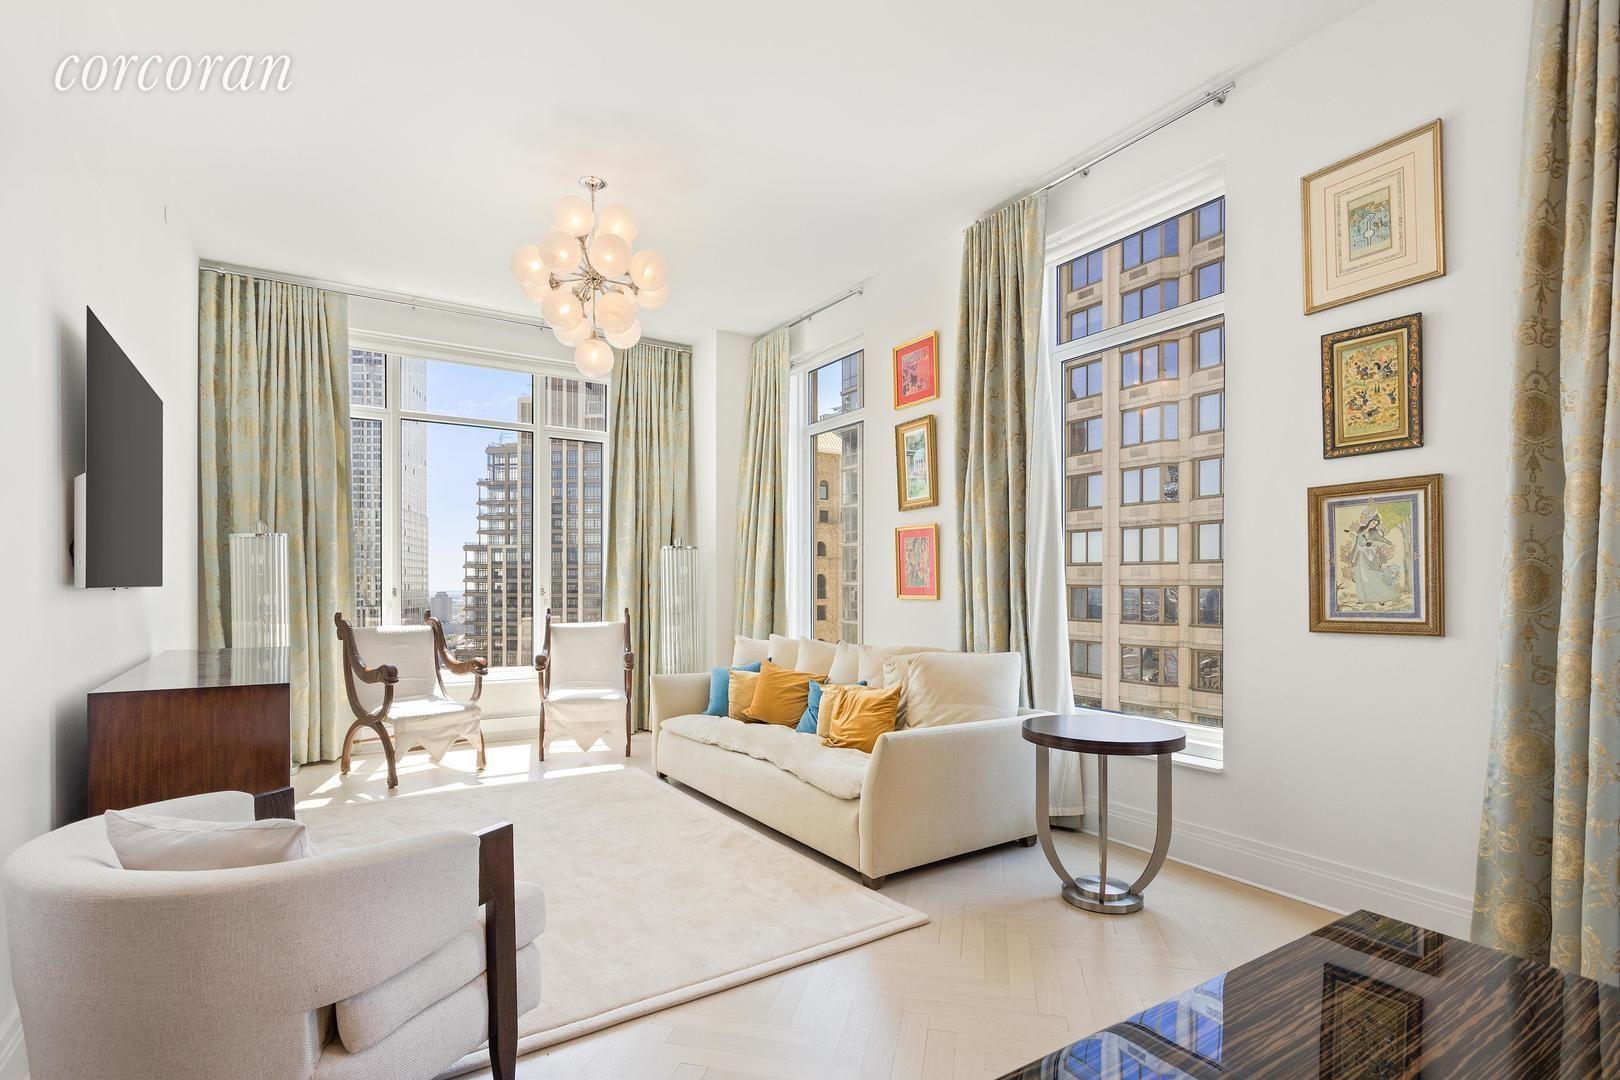 Apartment for sale at 30 Park Place, Apt 52C/39E